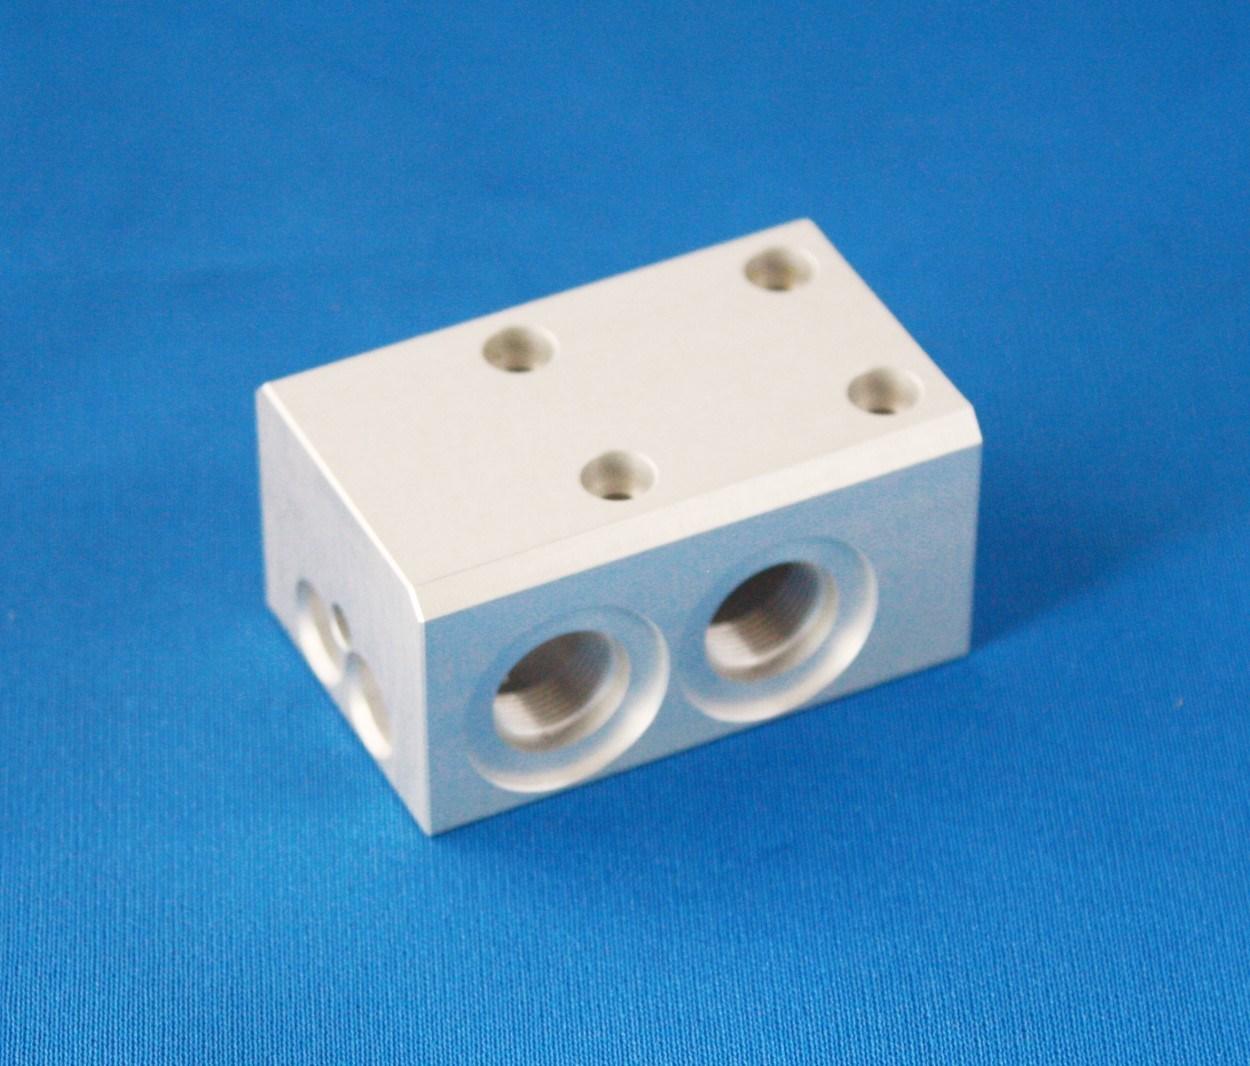 Herstellung CNC-drehenund Fräsmaschine-Teile